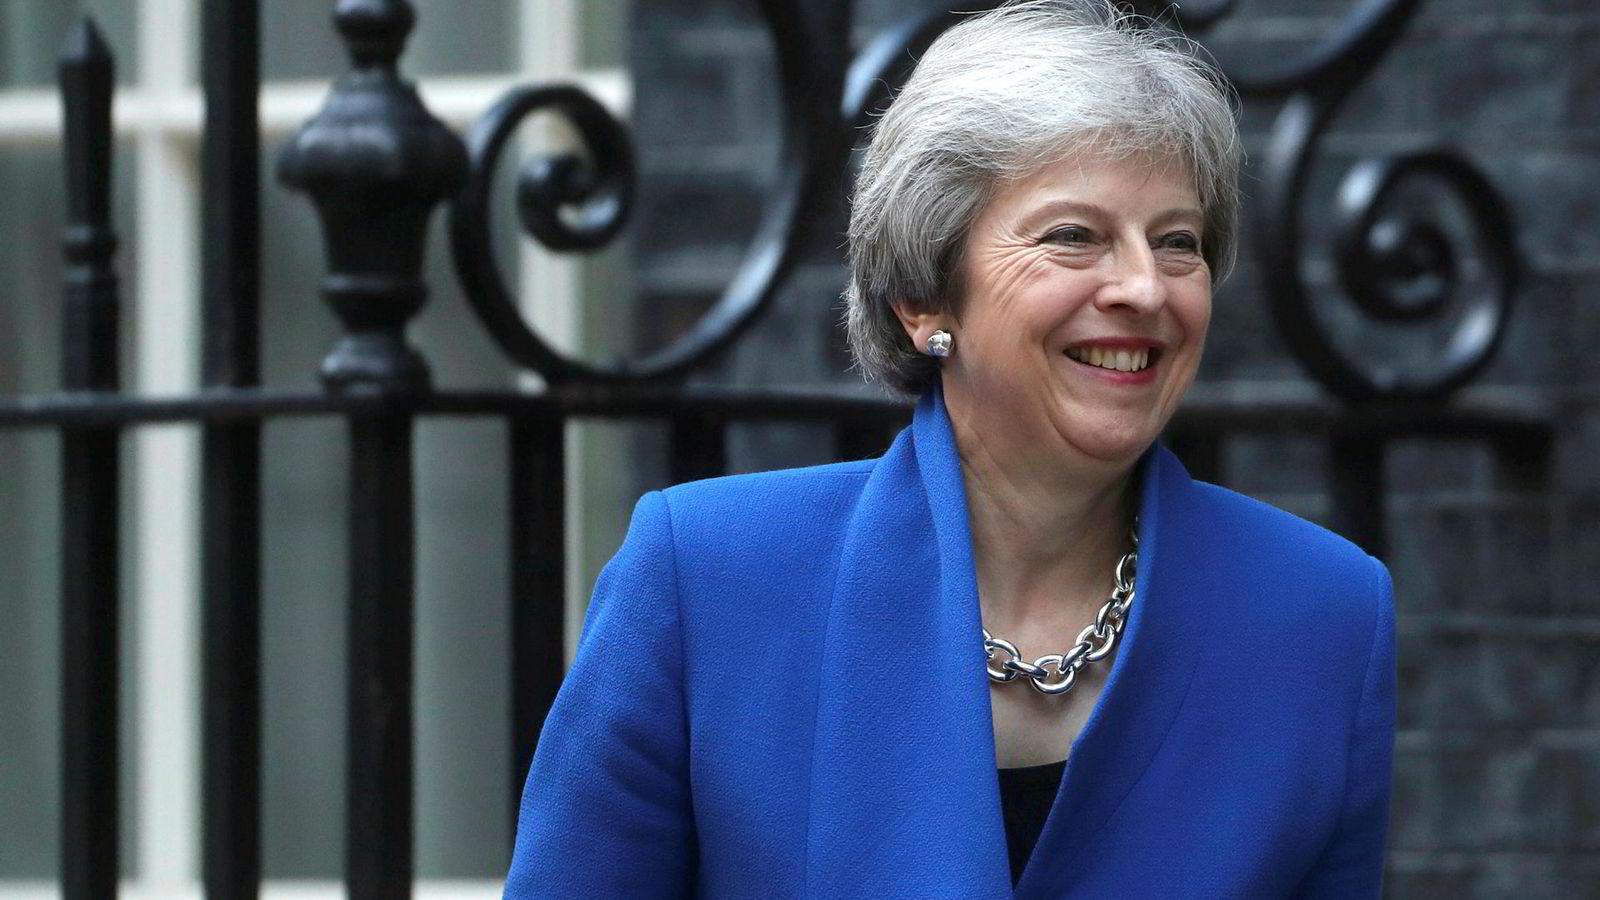 Det britiske parlamentet kommer mest sannsynlig til å forkaste enhver avtale statsminister Theresa May greier å forhandle frem med de europeiske lederne, skriver artikkelforfatteren.